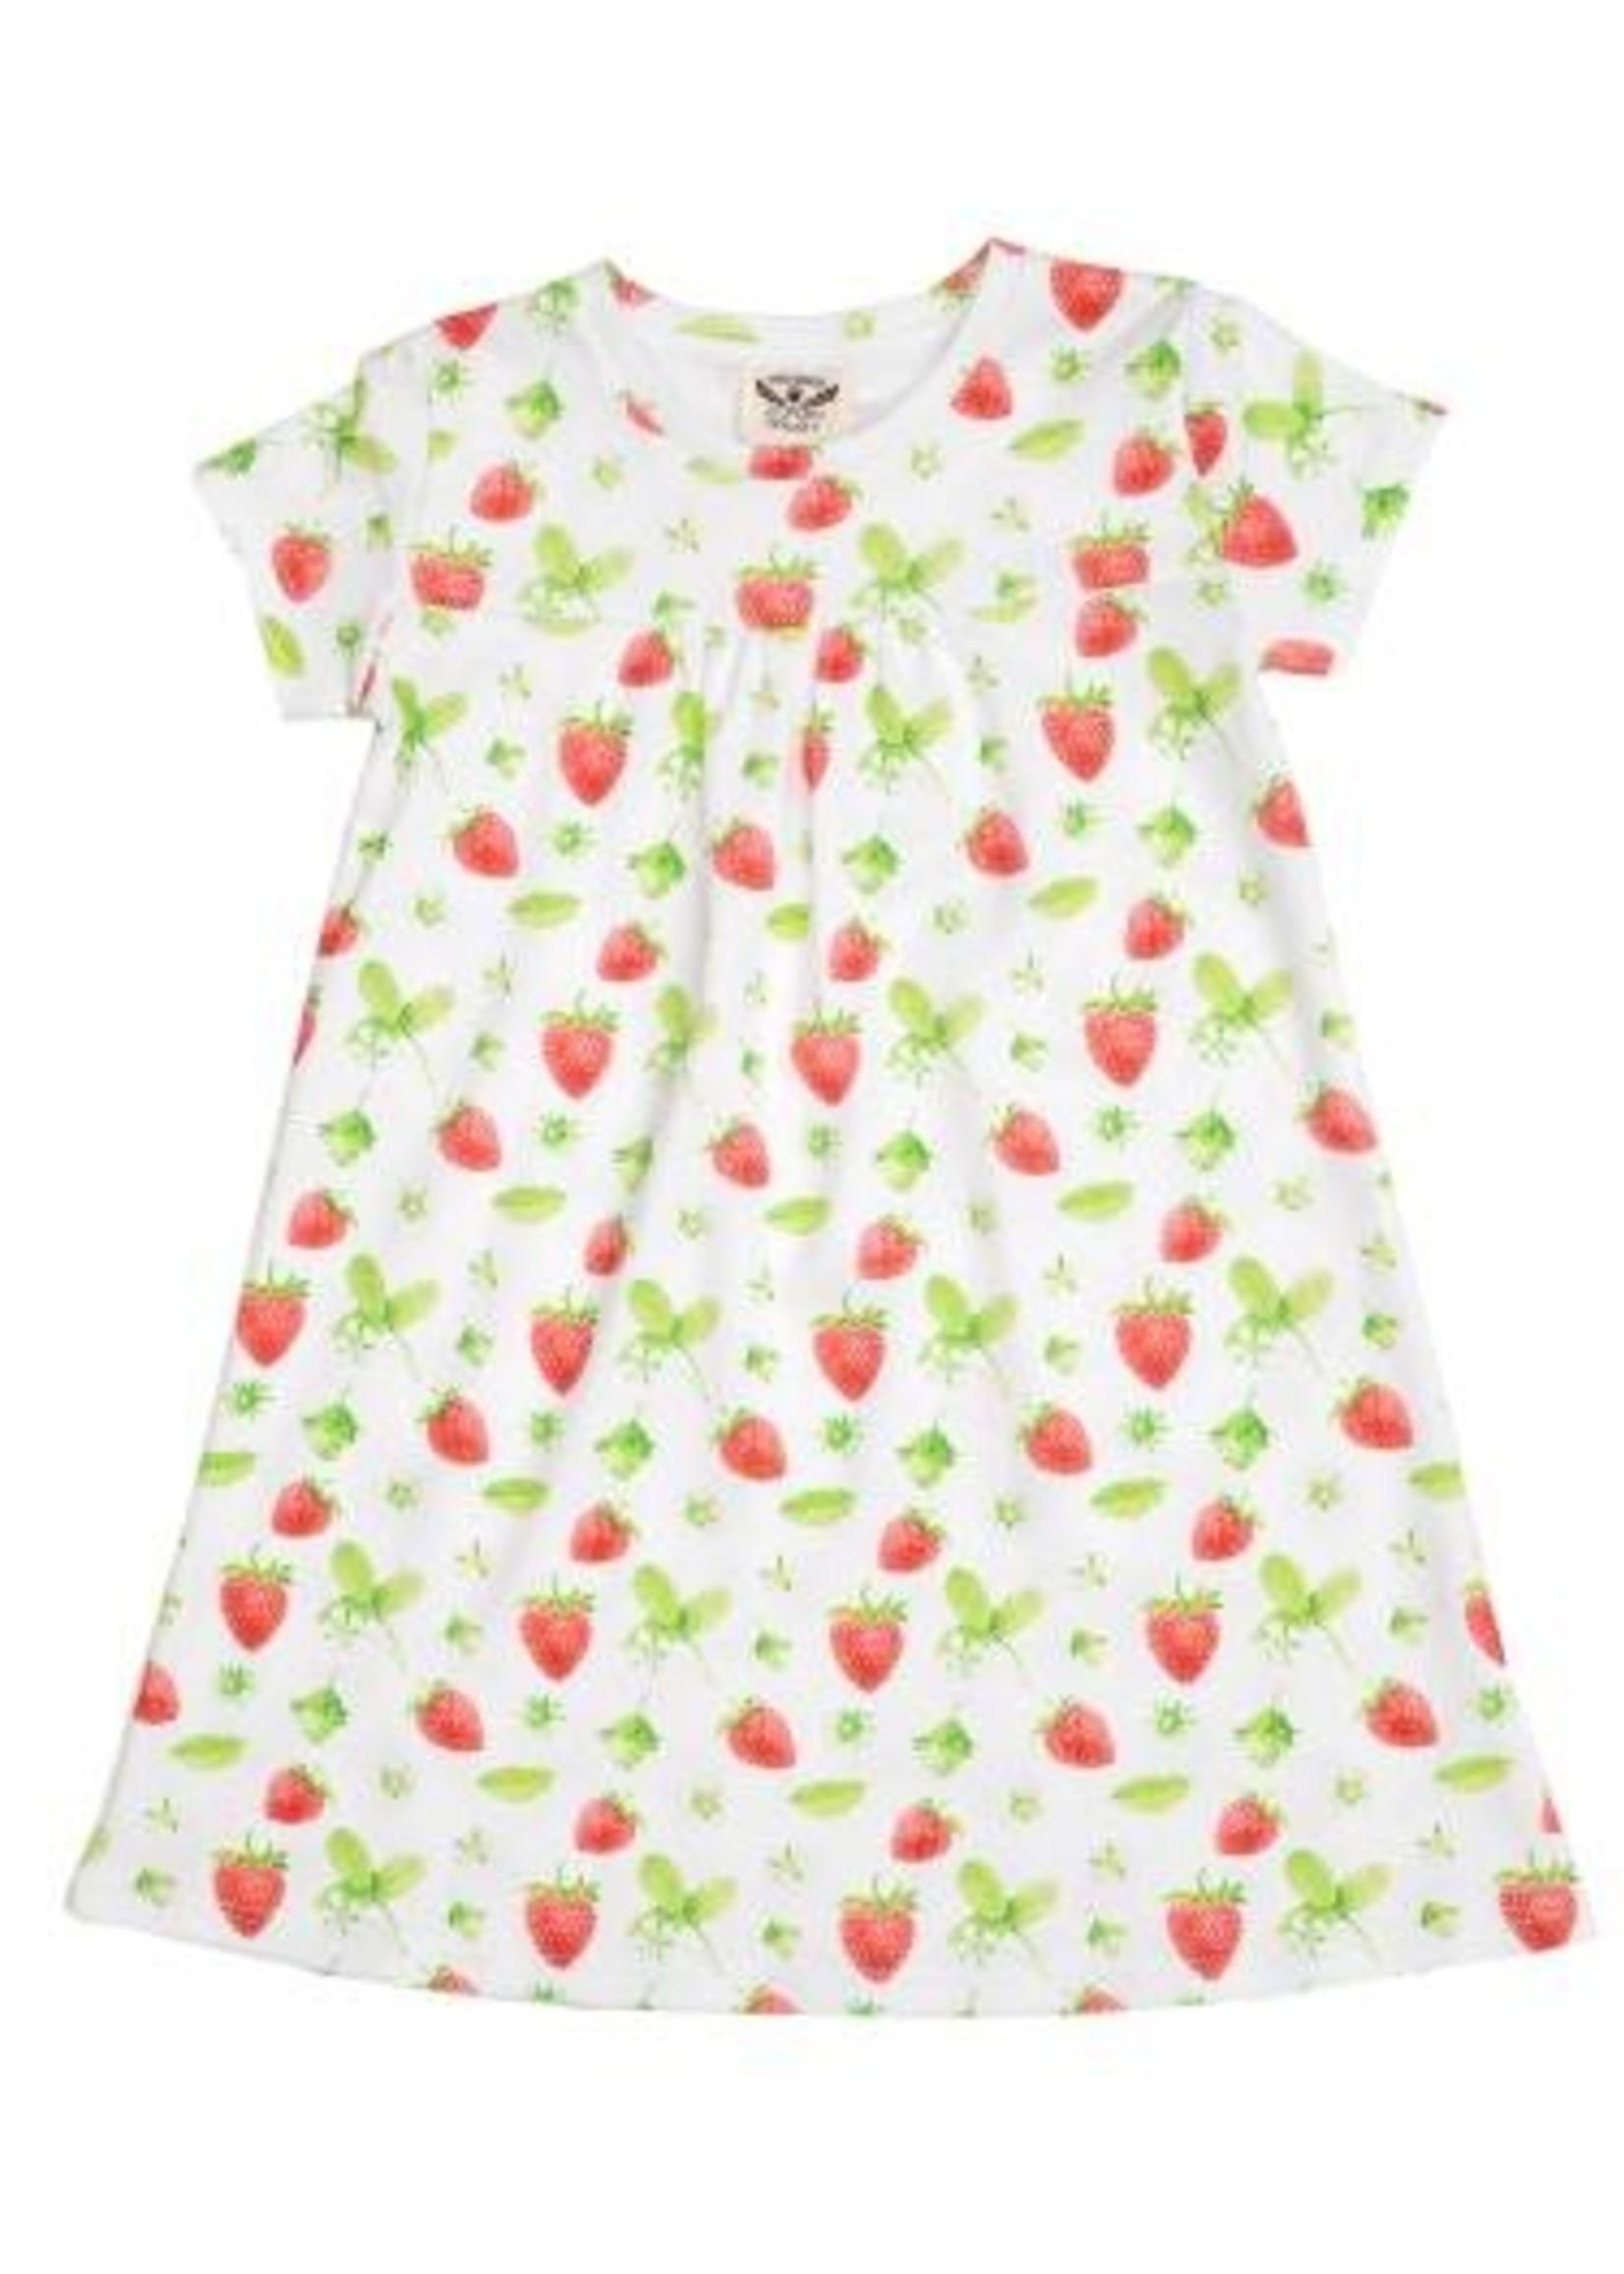 STRAWBERRY LOUNGE DRESS